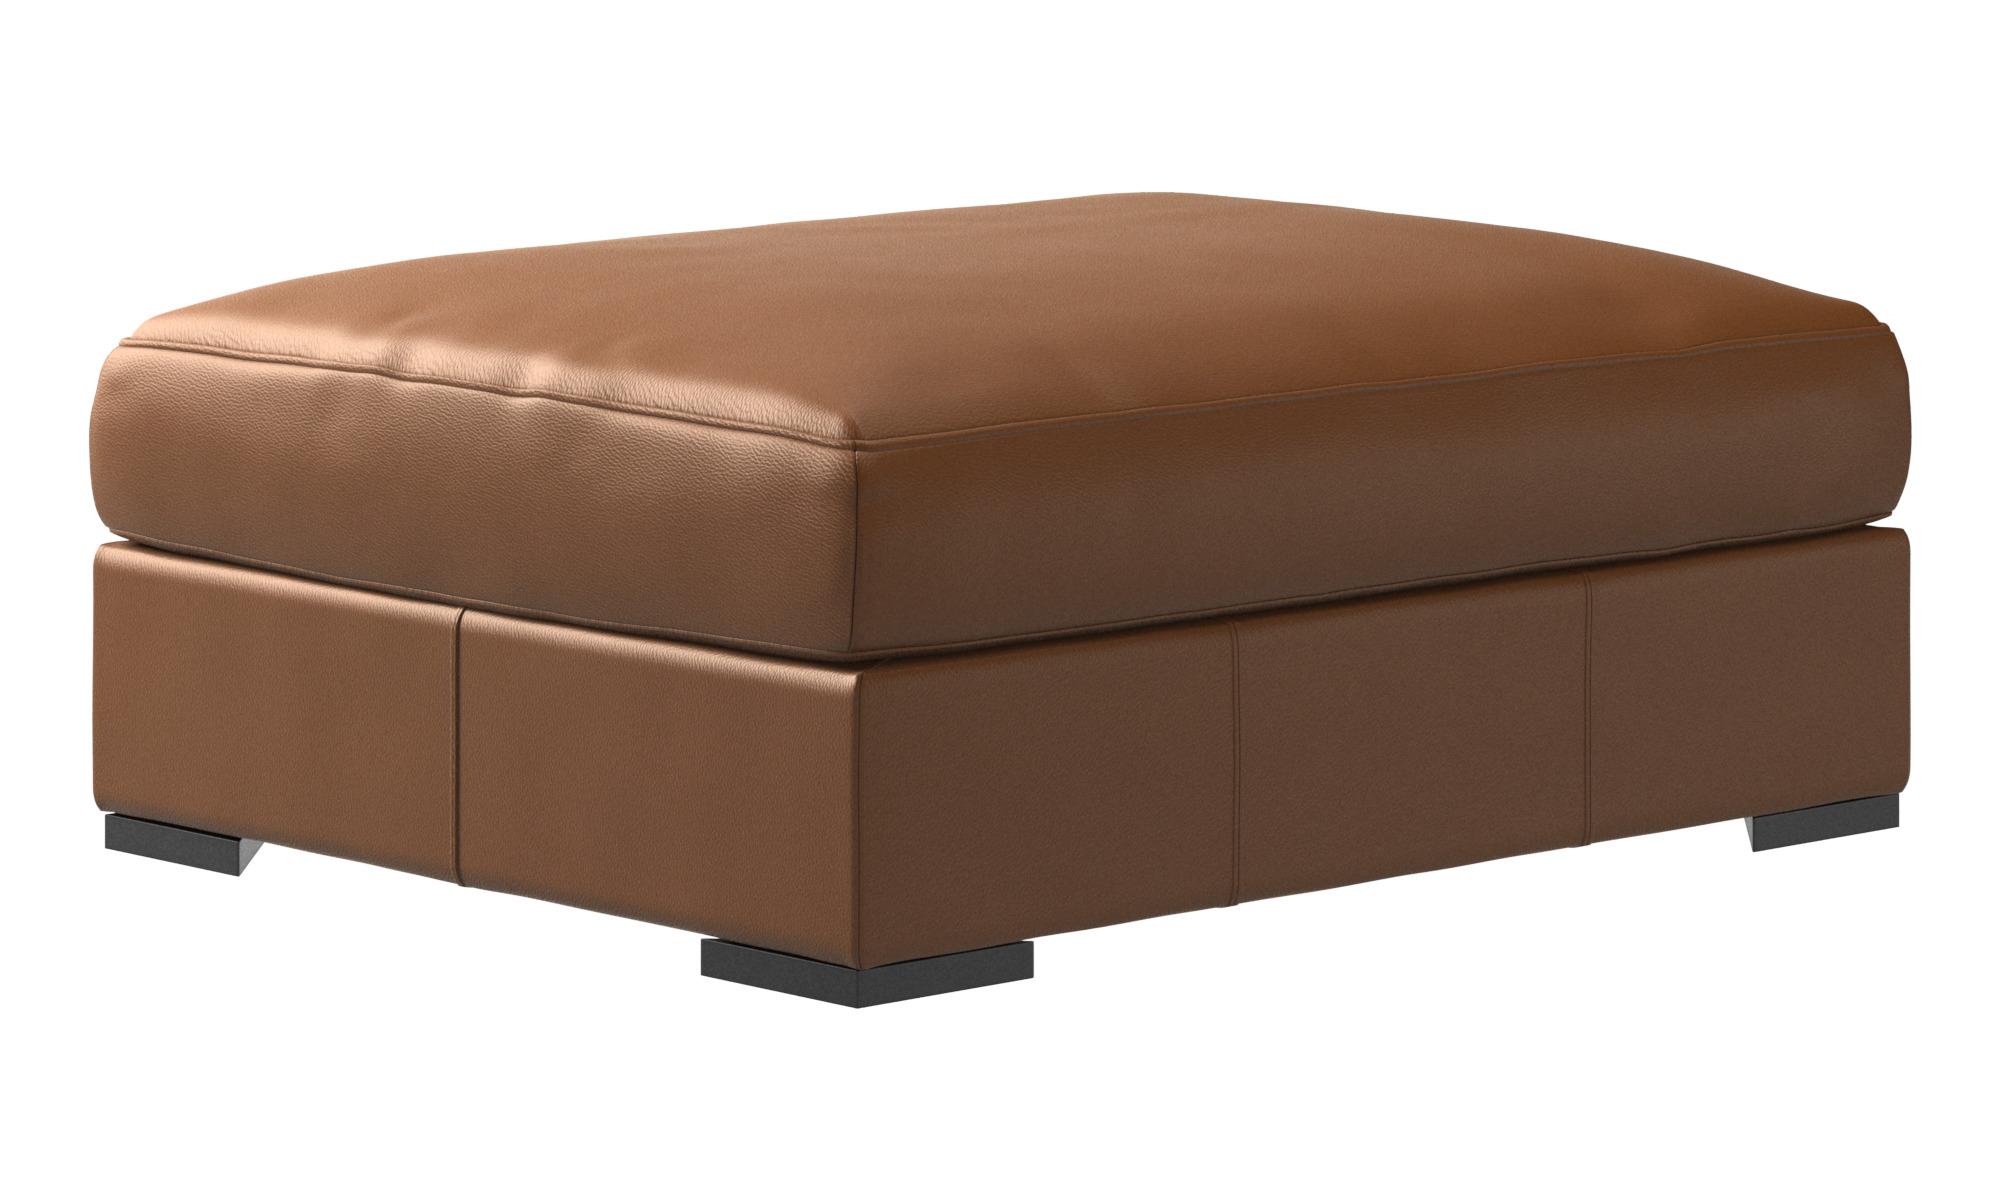 fauteuils et repose pieds pouf cenova boconcept. Black Bedroom Furniture Sets. Home Design Ideas